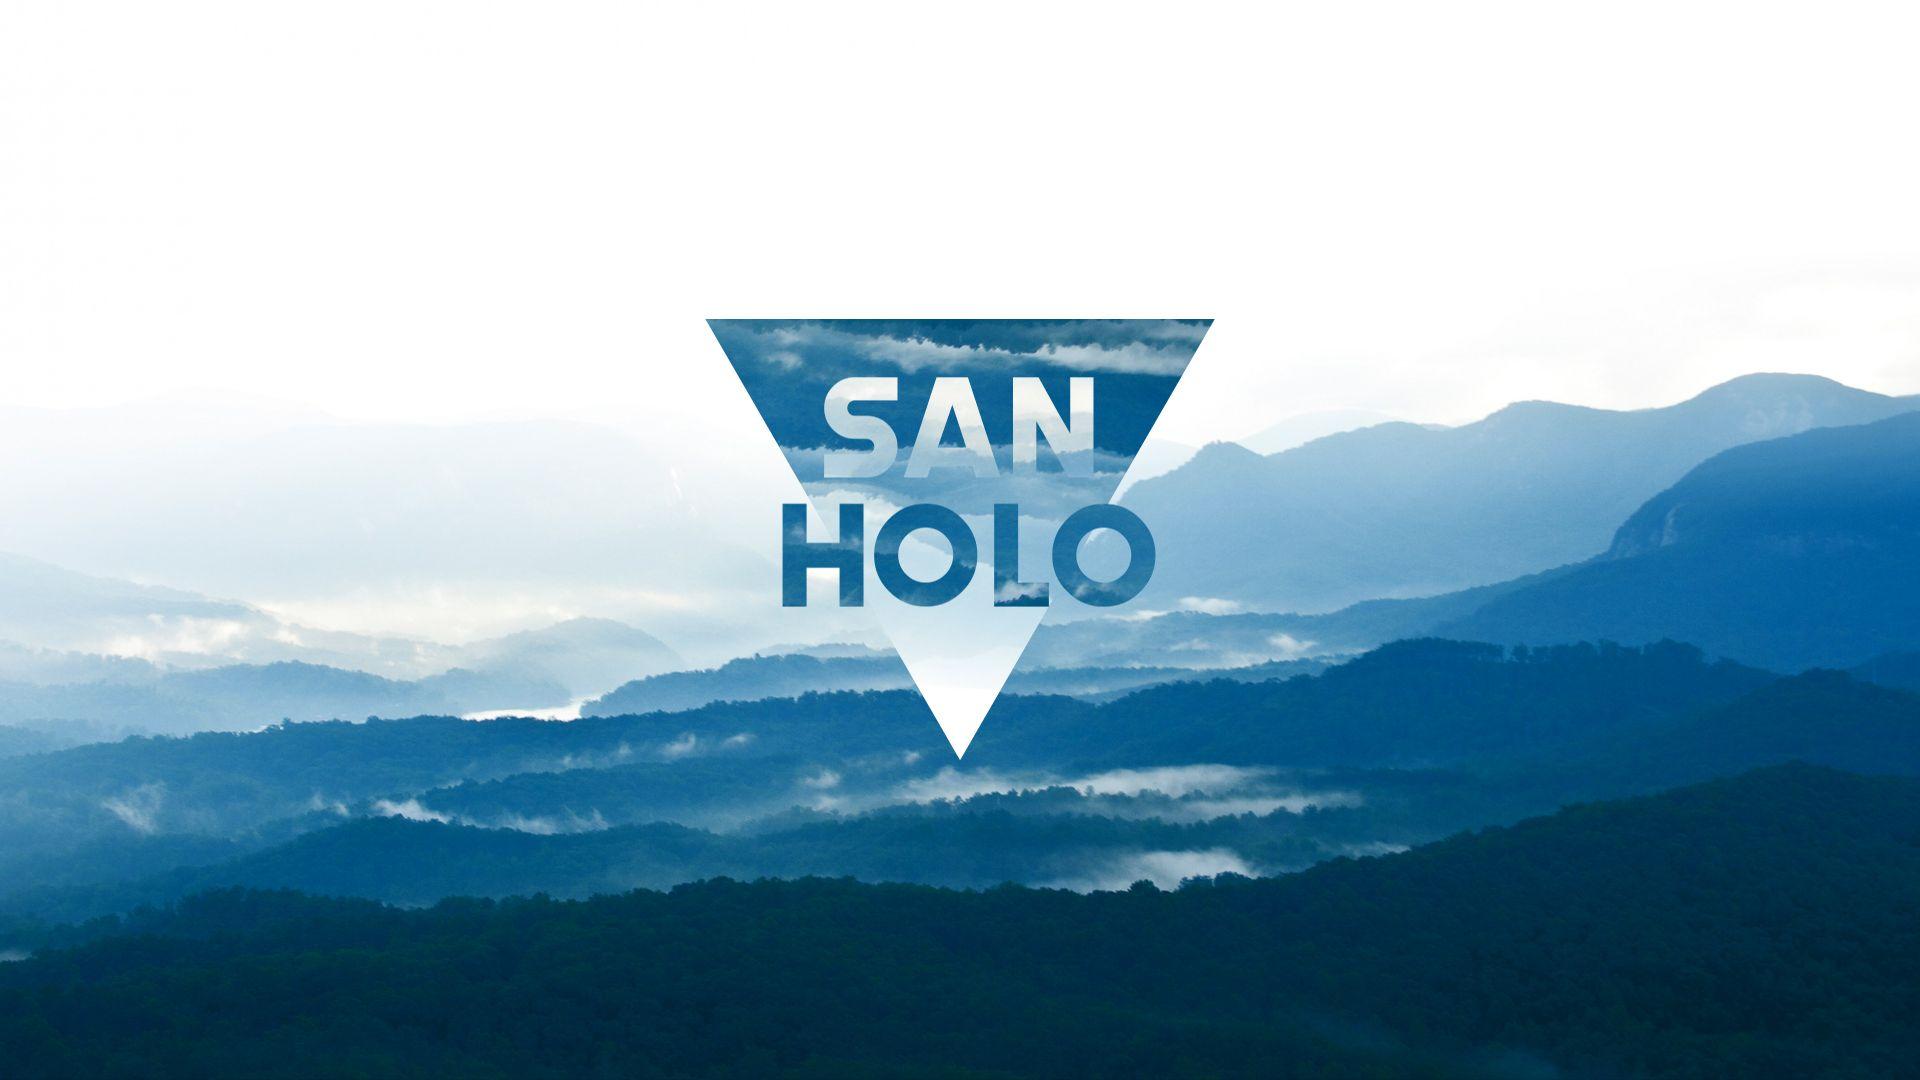 san holo desktop wallpaper 67224